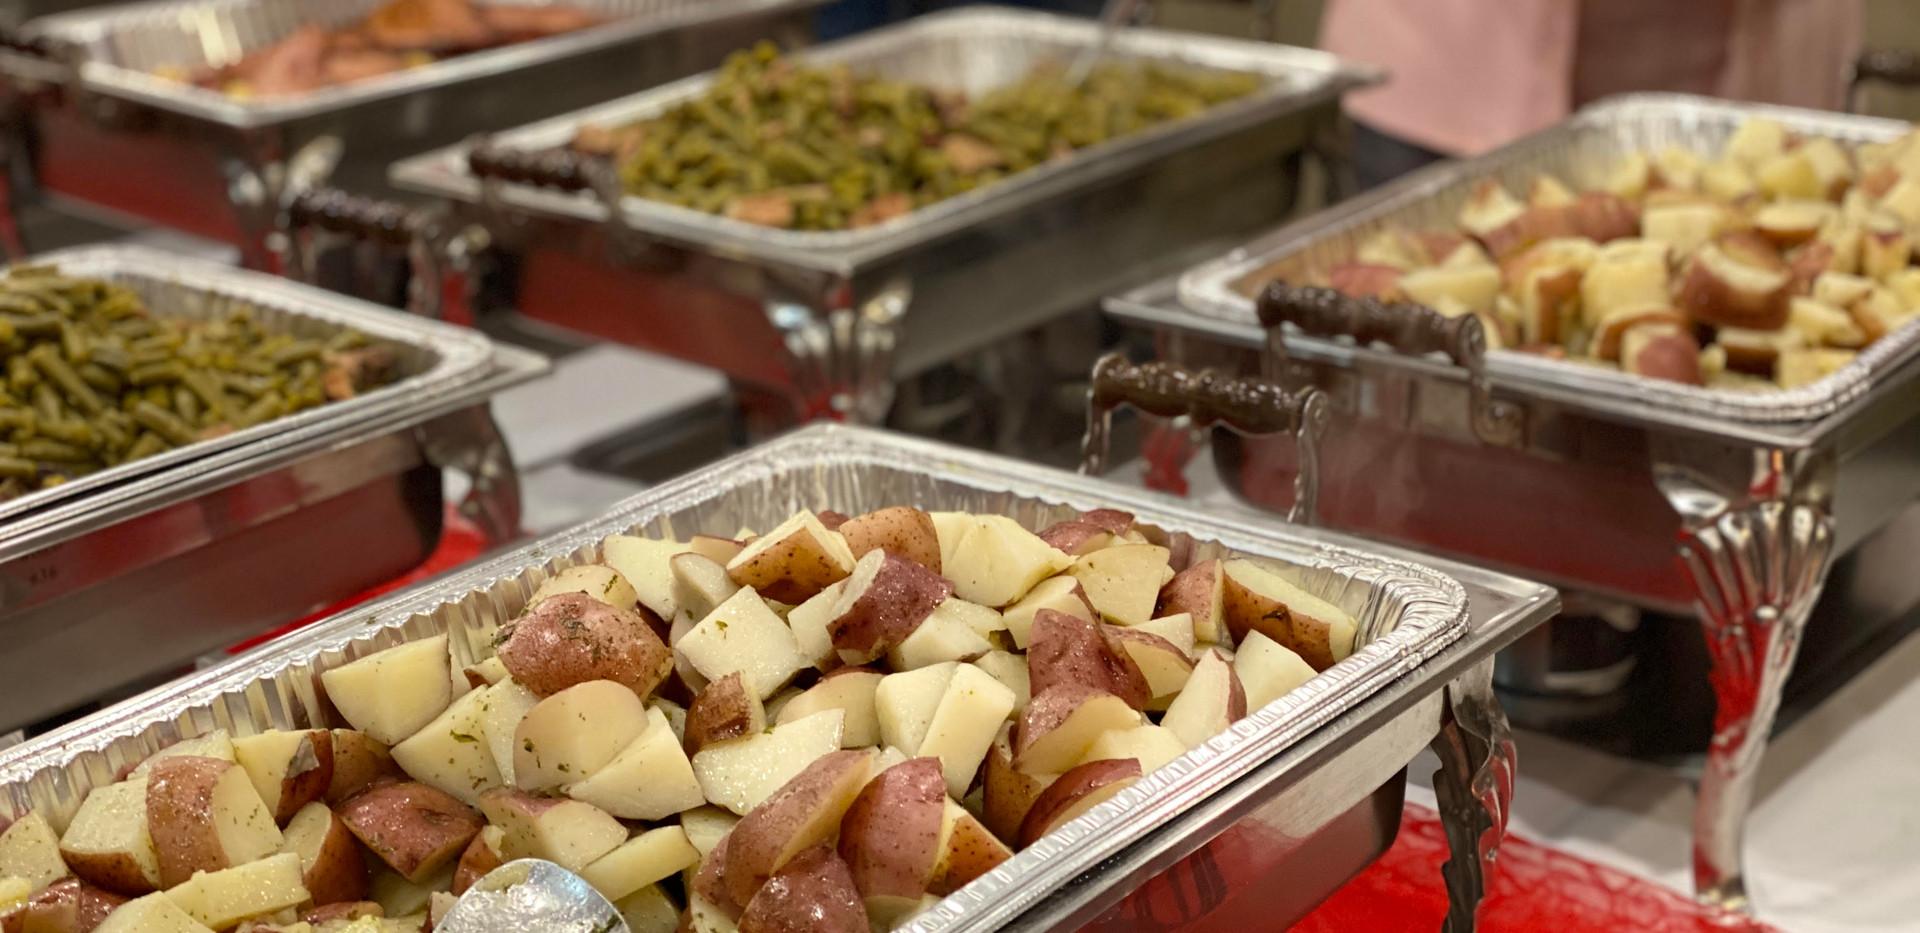 buffet-potatoes.jpg